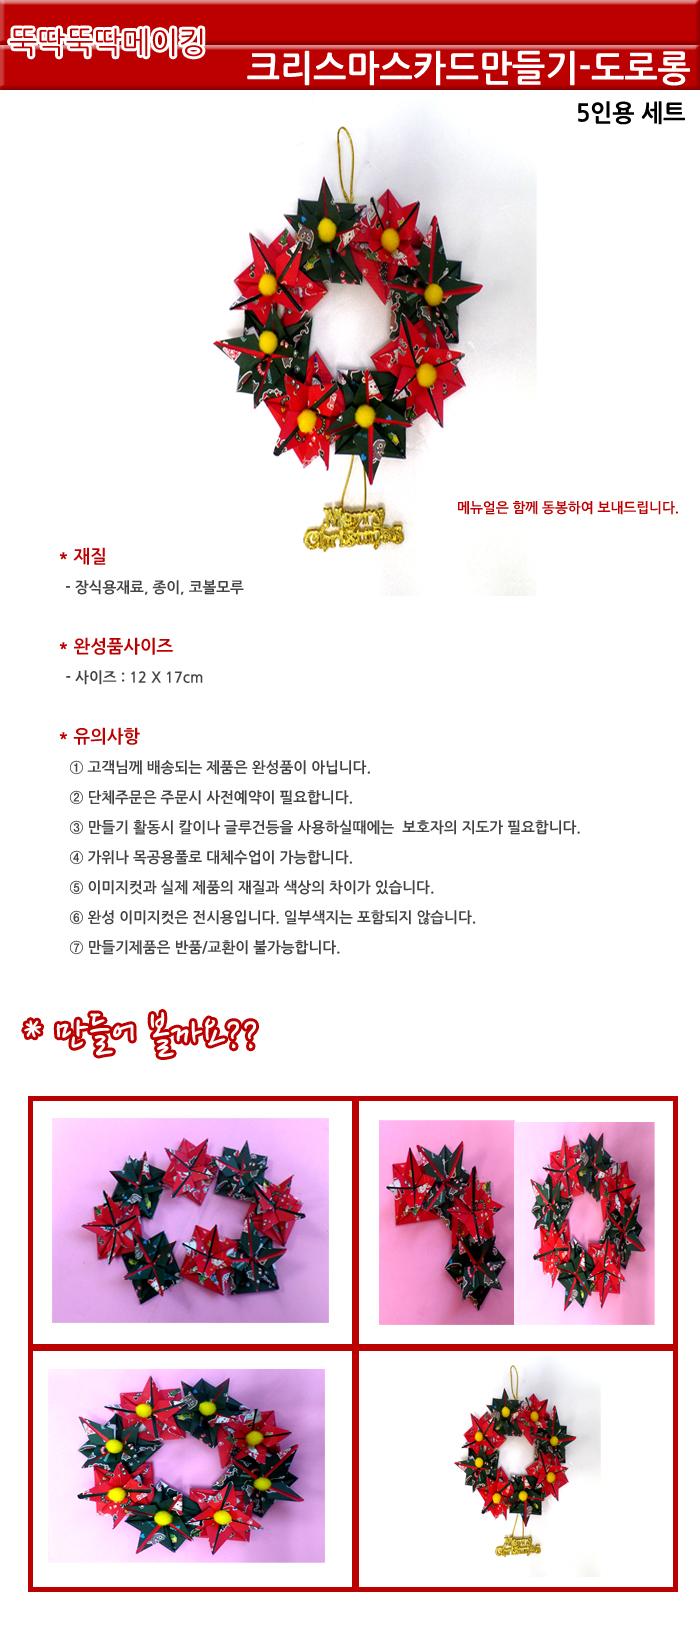 (뚝딱뚝딱메이킹)KS4025 크리스마스리스만들기-도로롱 - 큰솔스토밍, 10,000원, 교육완구, 교육완구